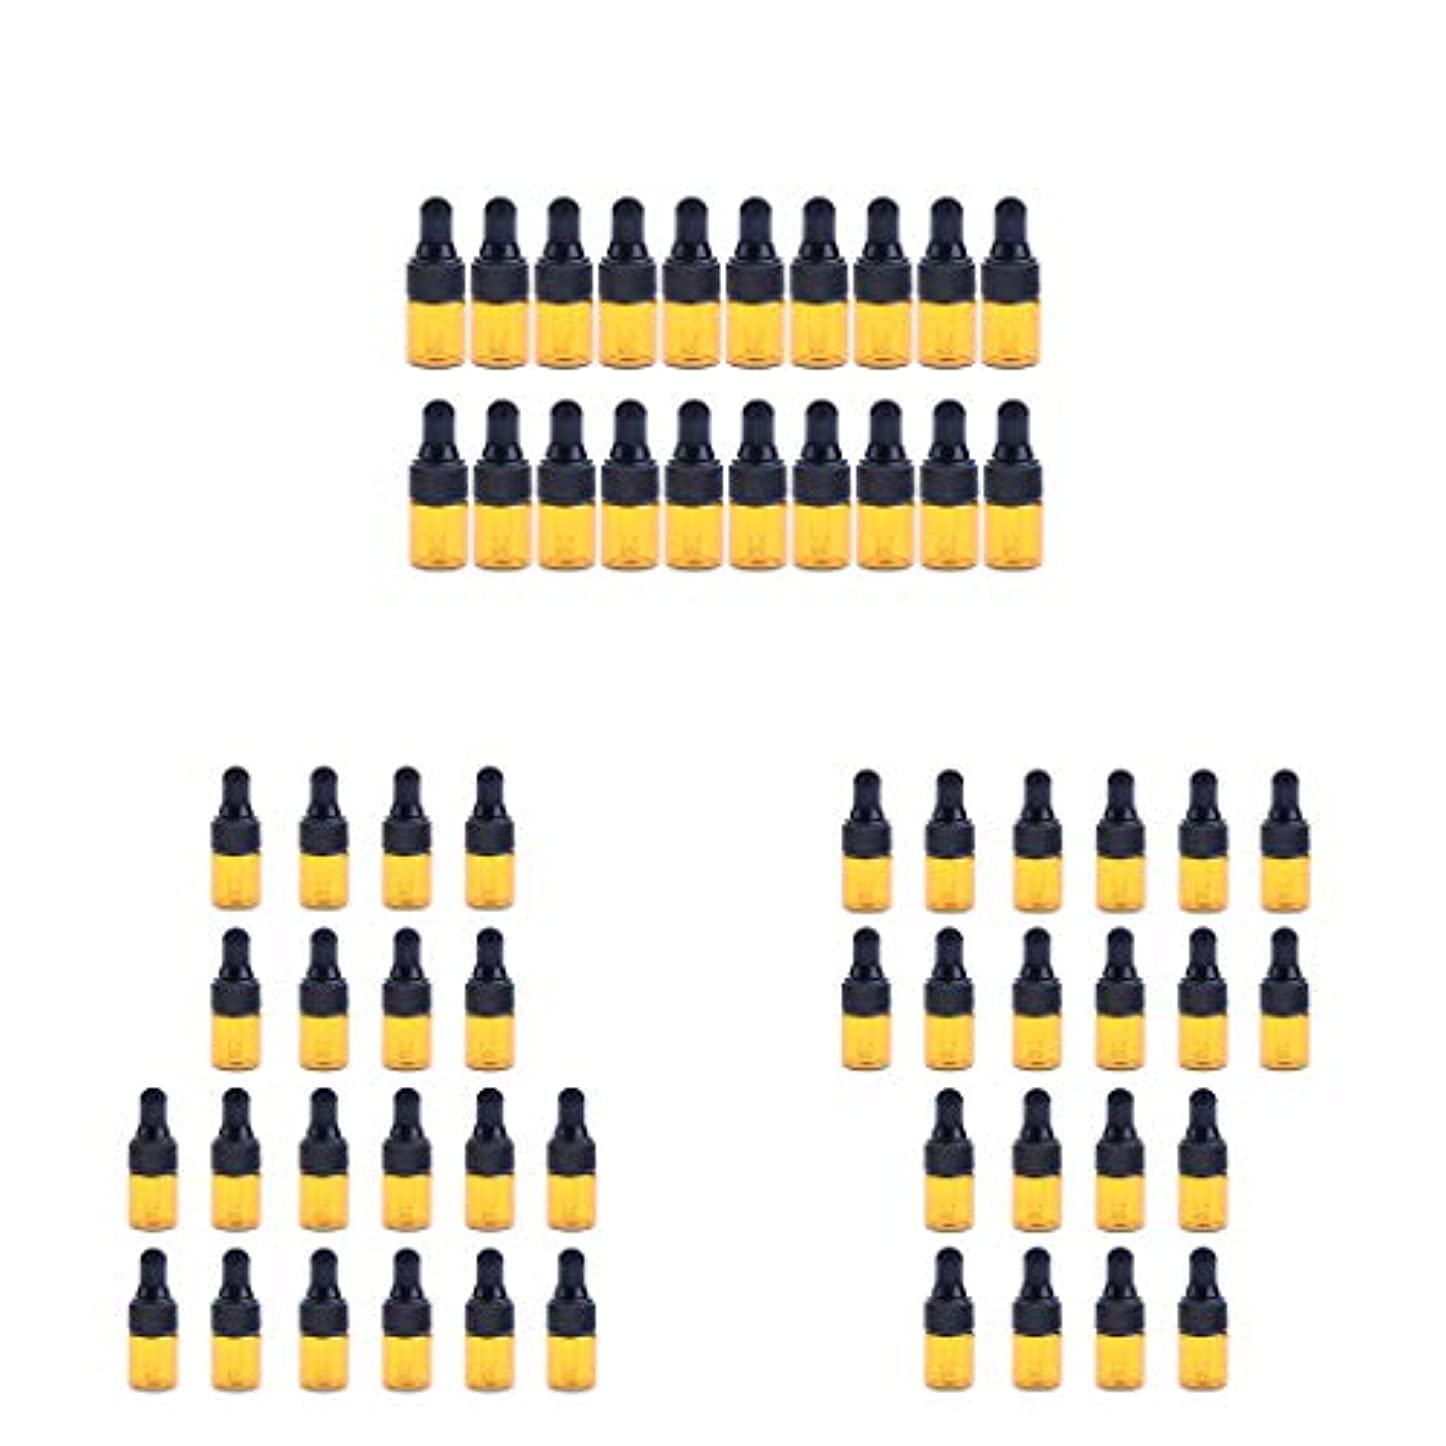 獣ピンチ手数料dailymall エッセンシャルオイル ボトル ガラス ドロッパーボトル 3 Ml 約60ピースセット